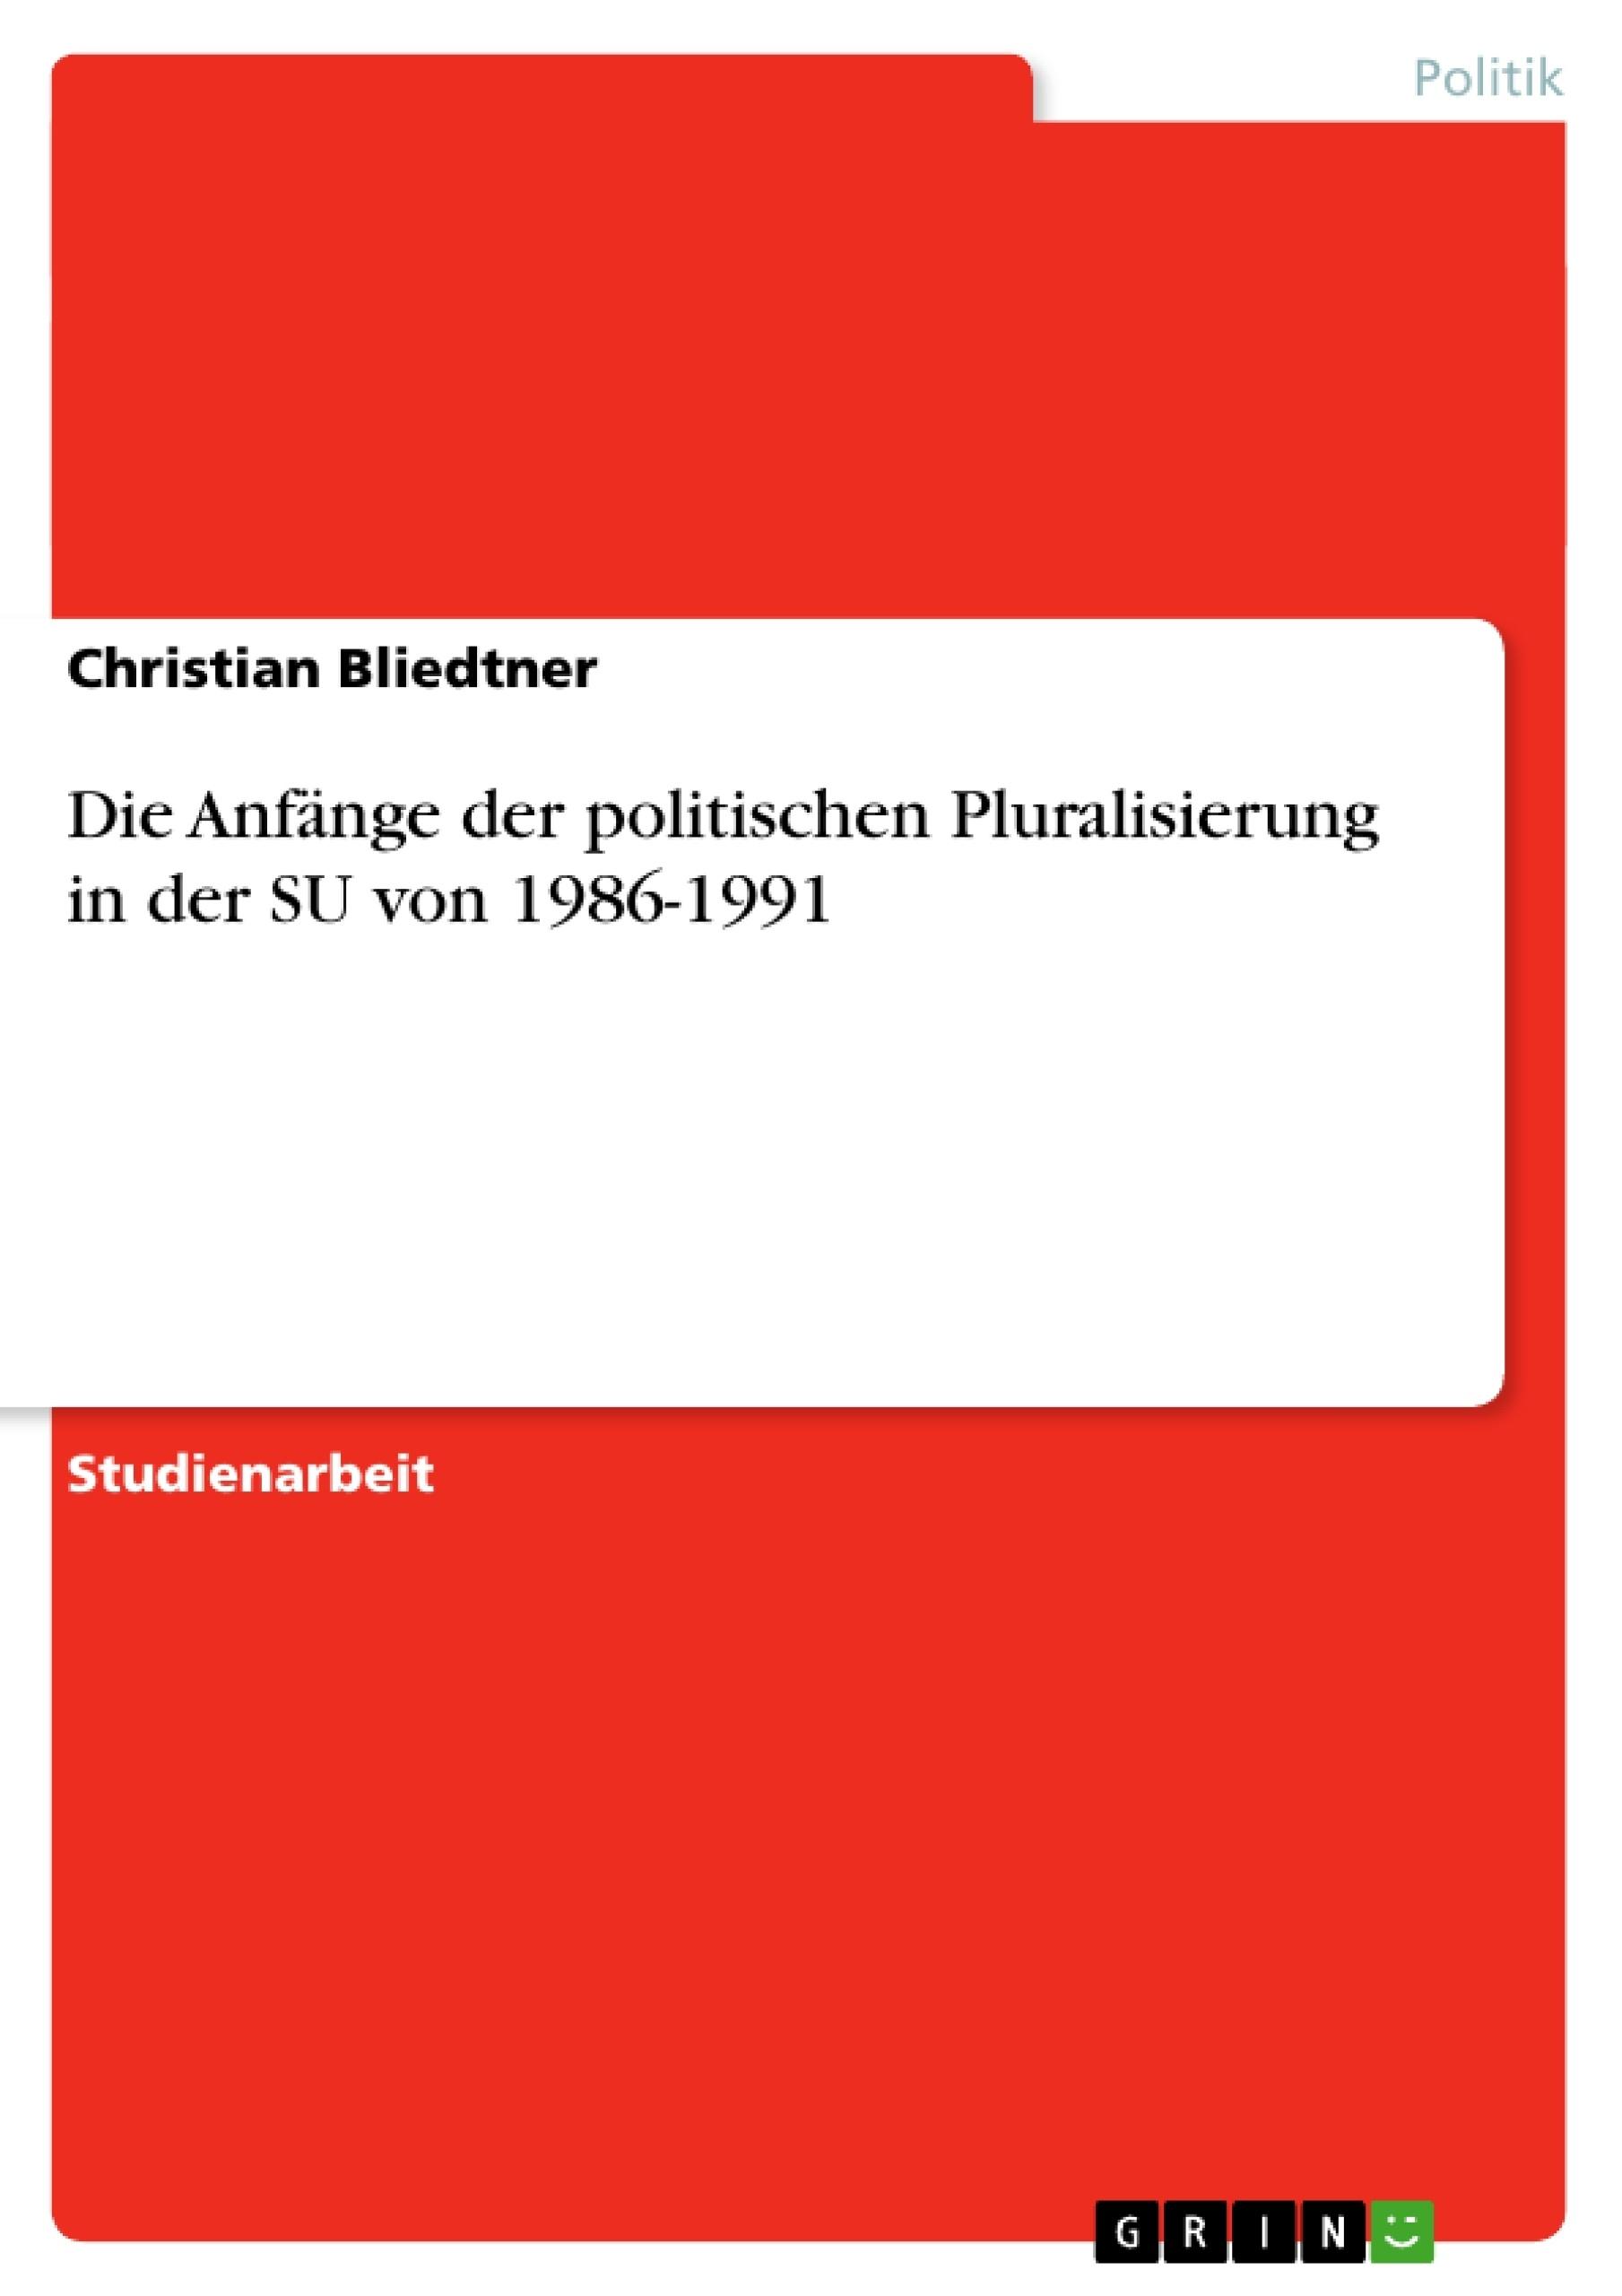 Titel: Die Anfänge der politischen Pluralisierung in der SU von 1986-1991